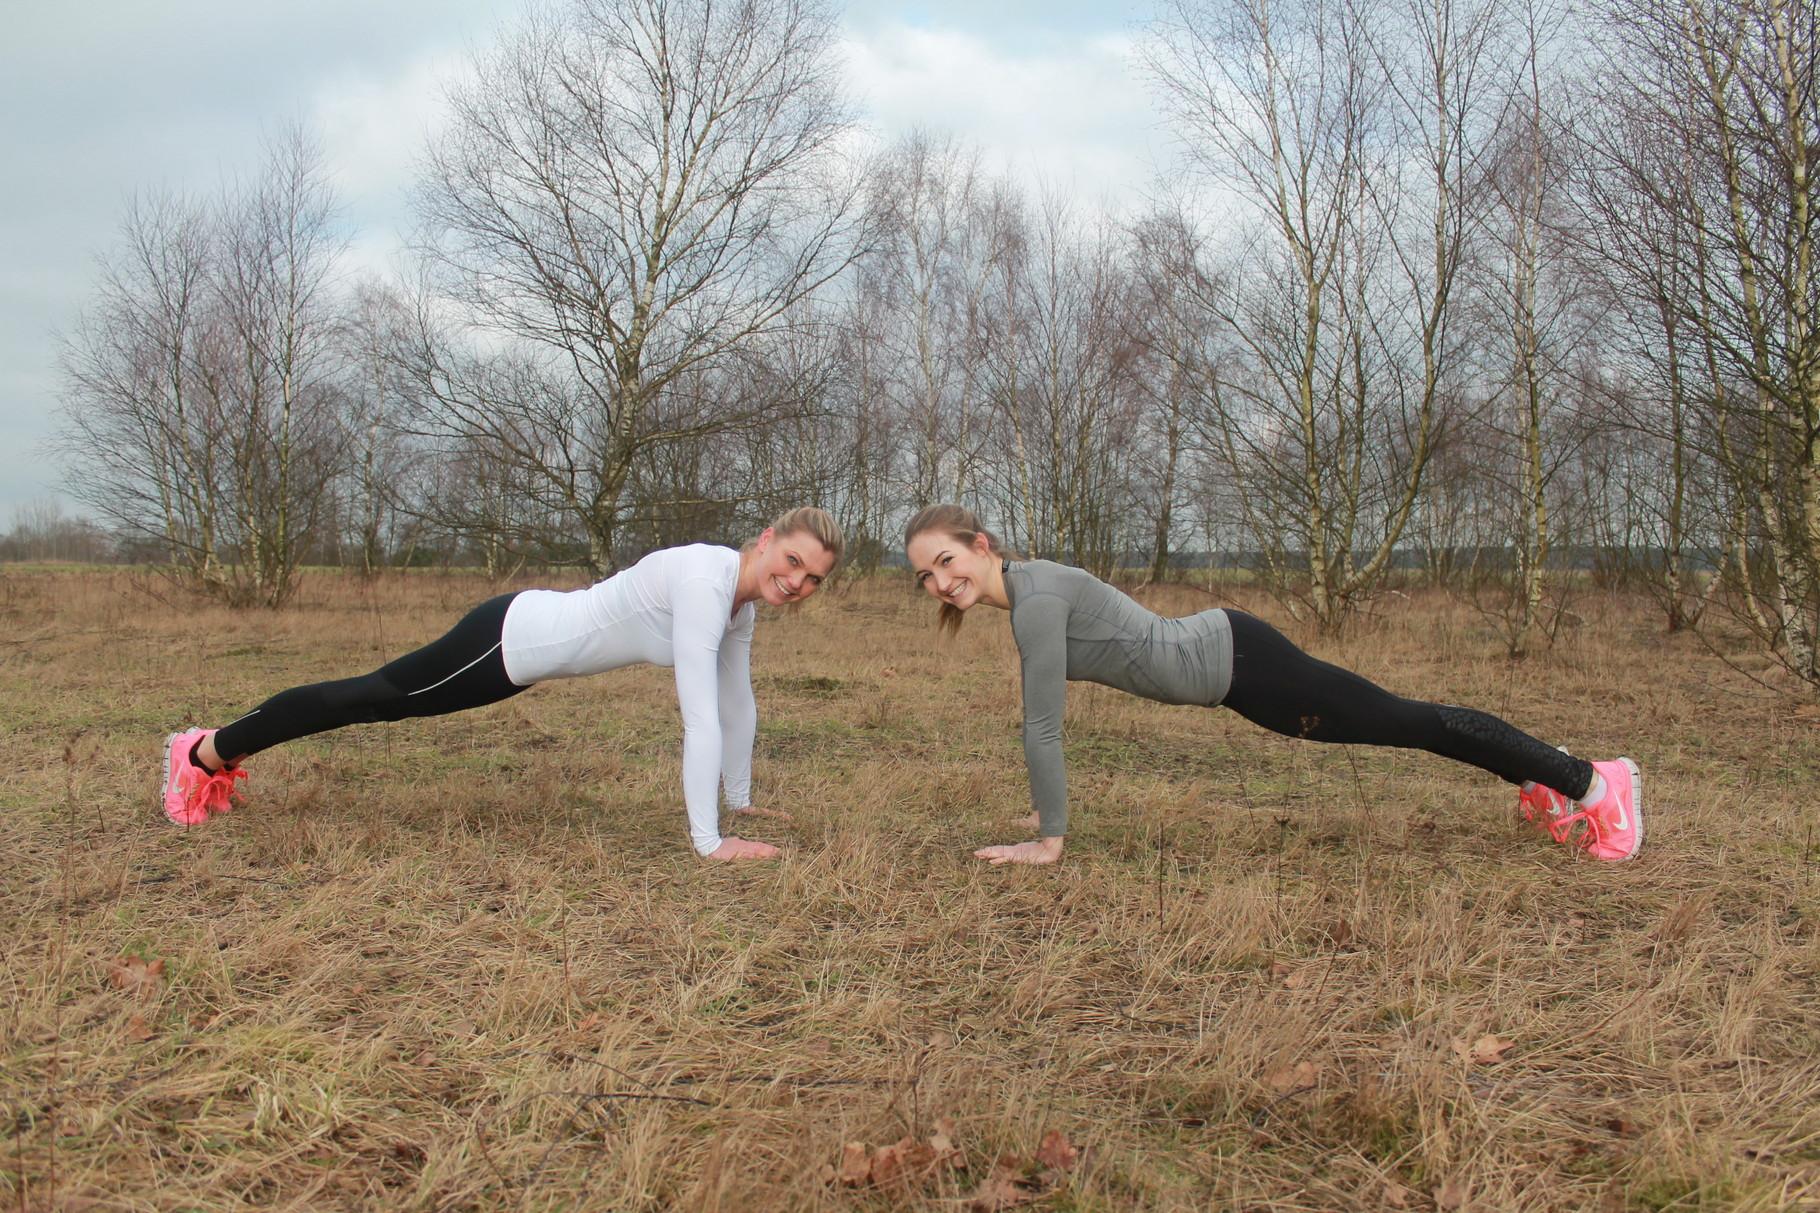 Die Plank ist eine unserer liebsten Übungen für eine starke Rumpfmuskulatur.  Versuch doch mal dich in dieser Position 30 Sekunden zu halten. Nach und nach kannst du die Zeit natürlich verlängern.